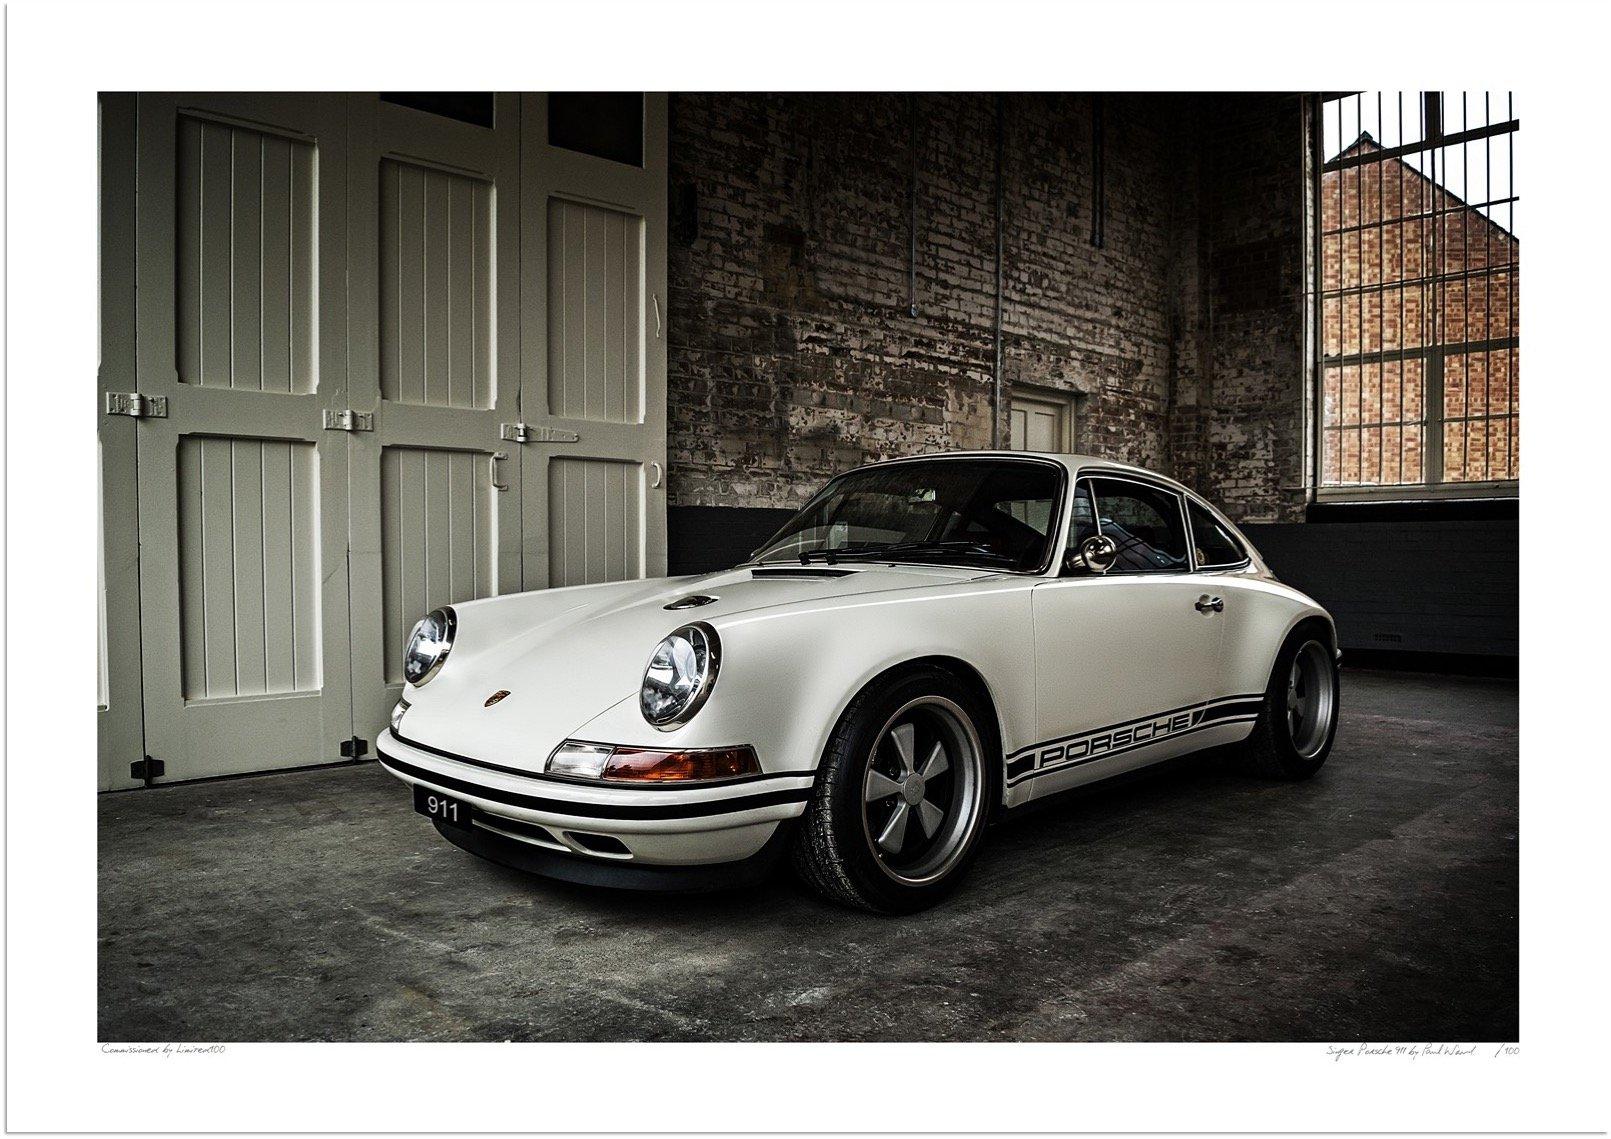 Singer Porsche 911 Wall Art